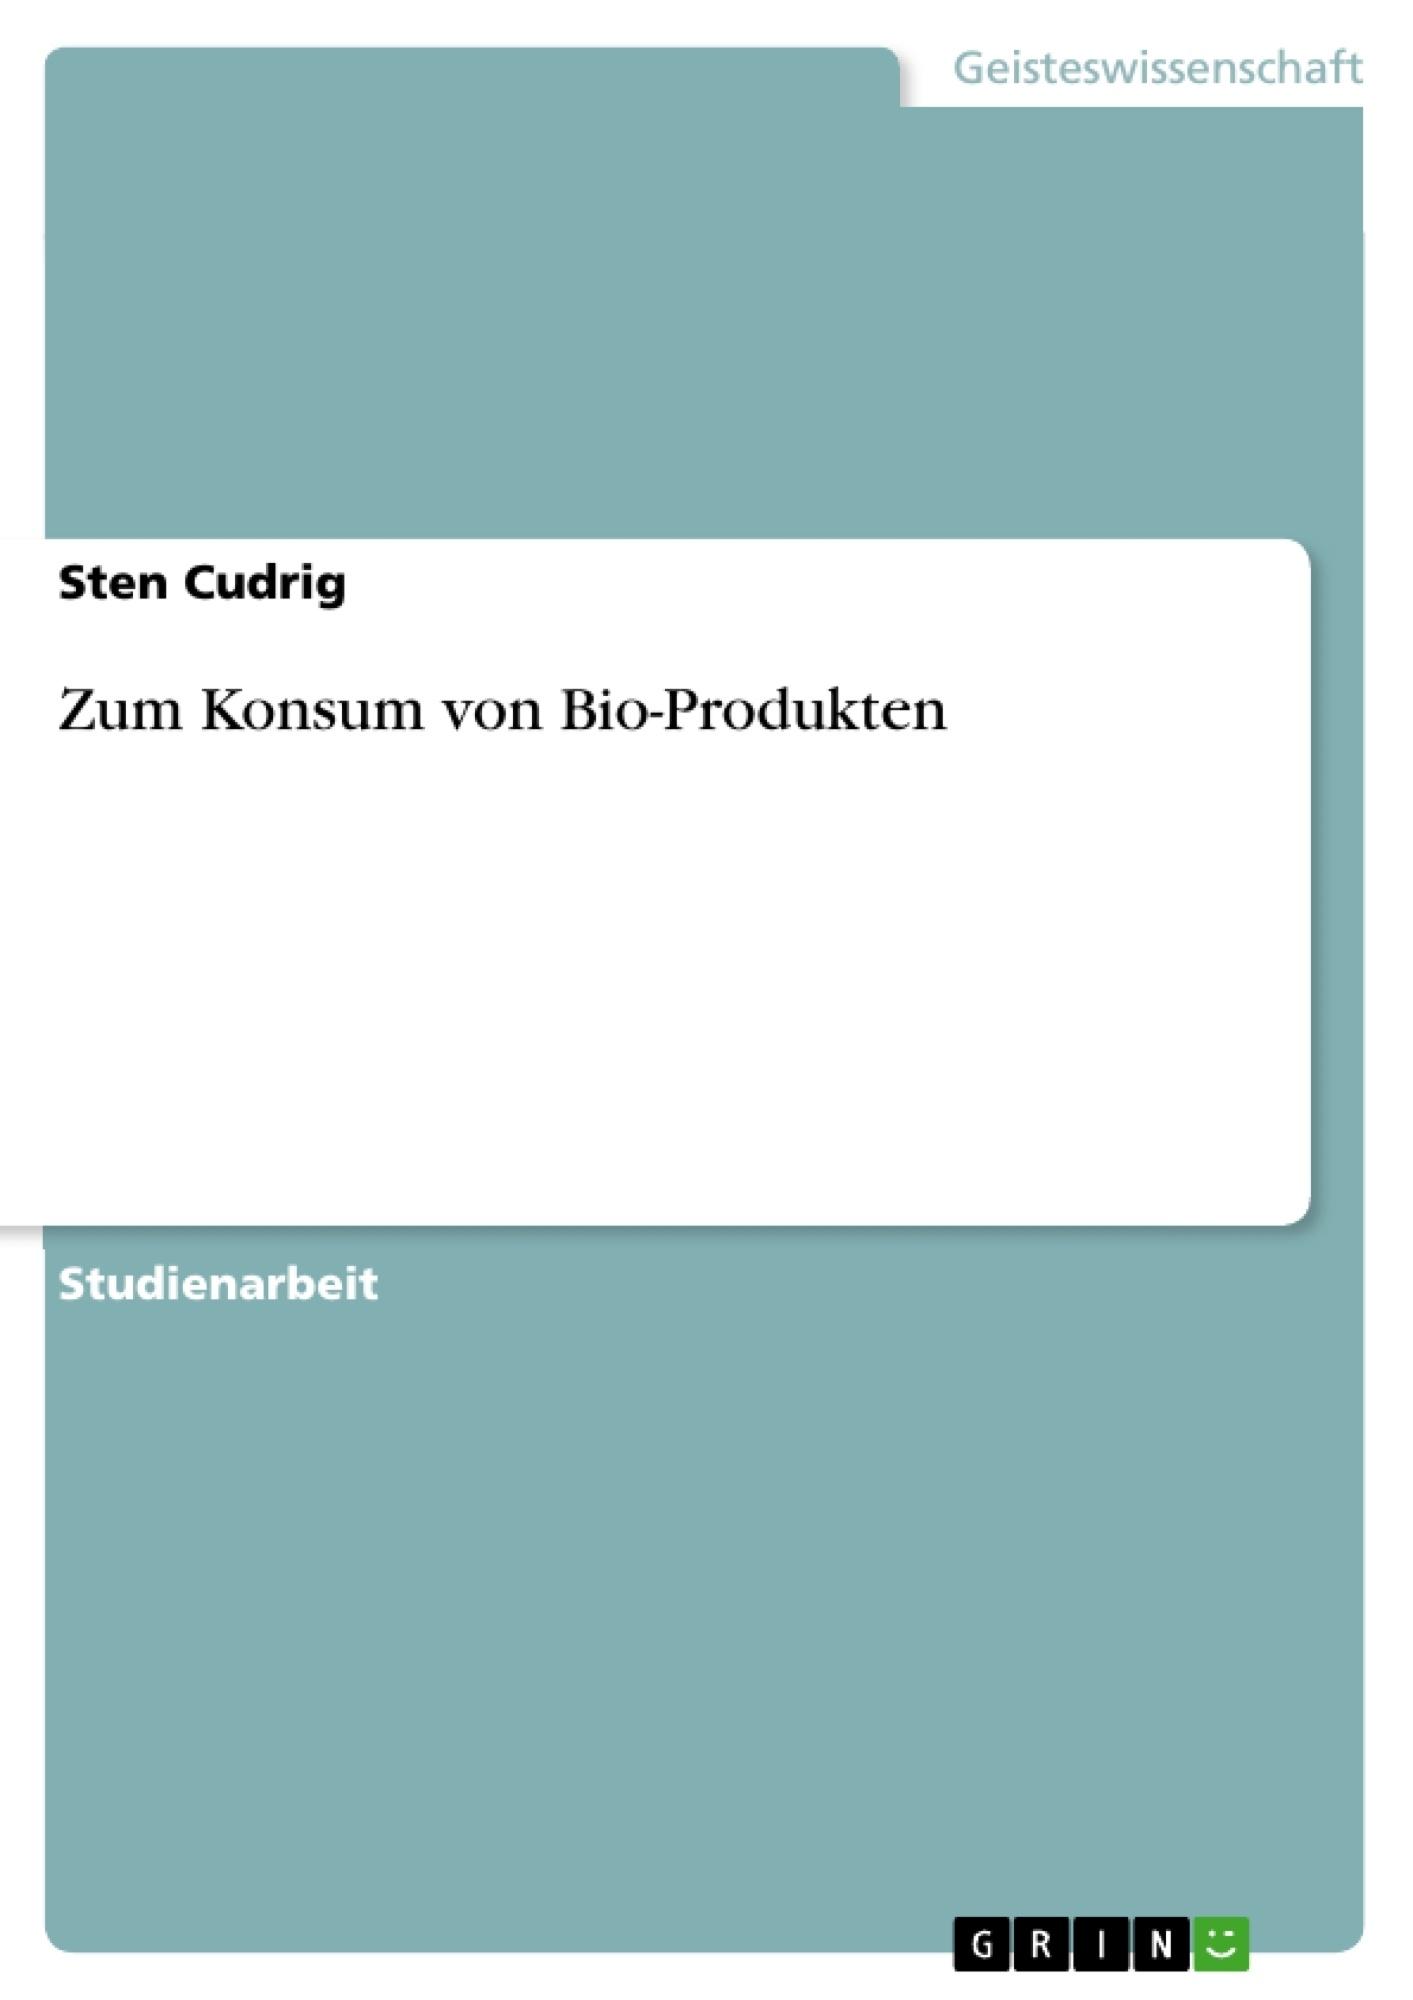 Titel: Zum Konsum von Bio-Produkten